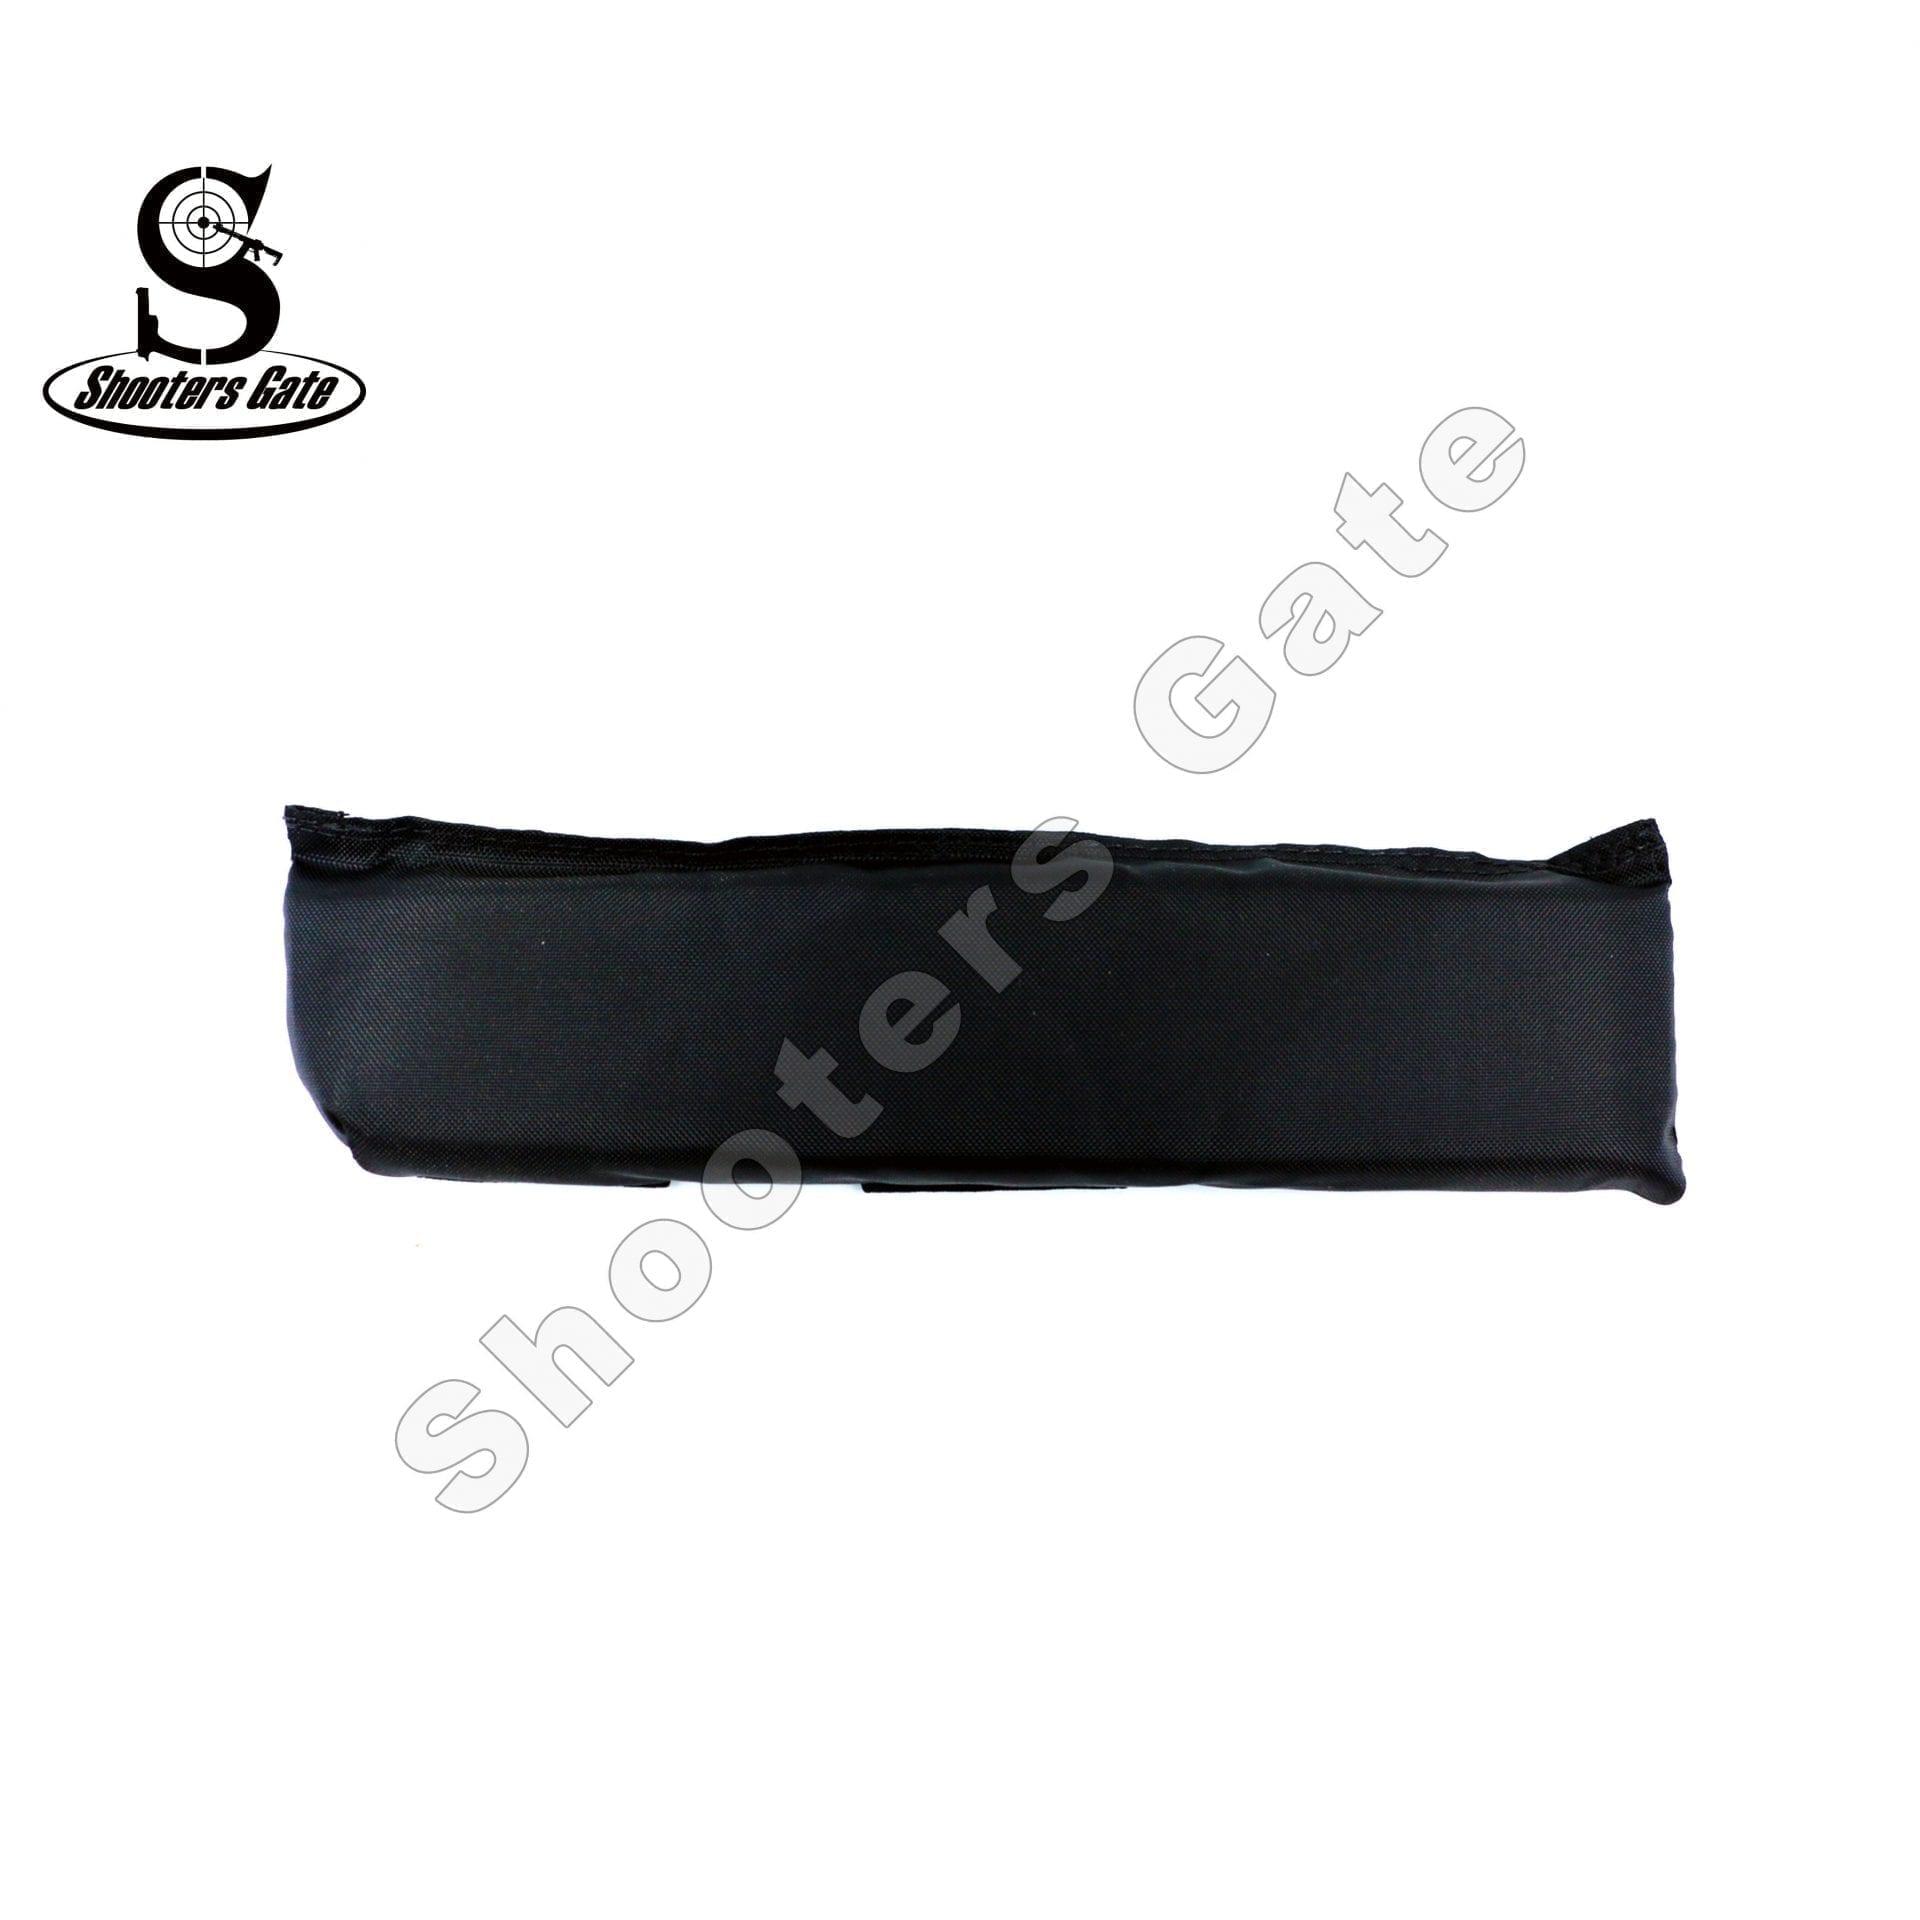 Strap Shoulder Comfort Pad BLK